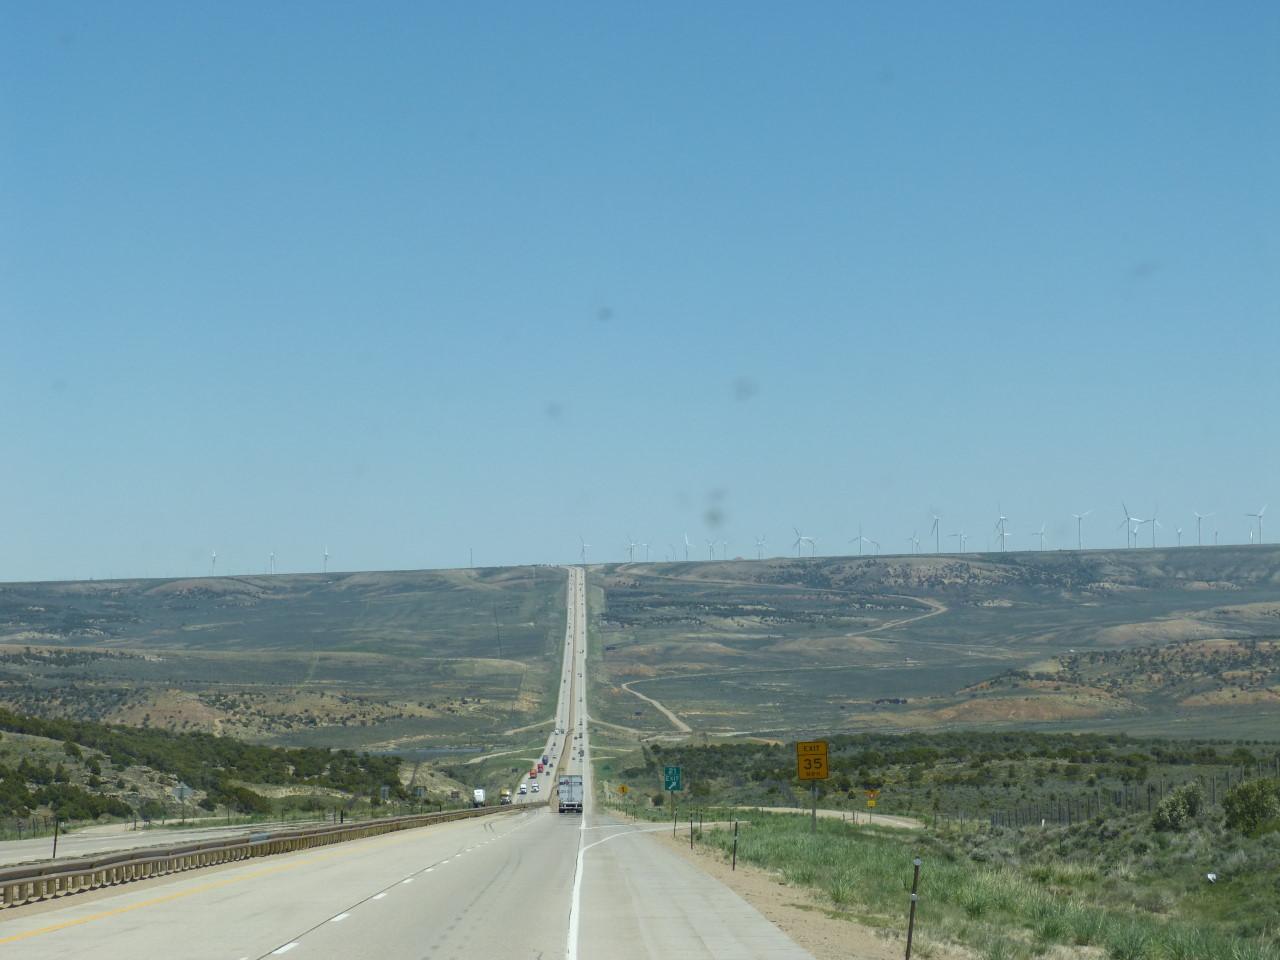 Usa 5 Salt Lake City Utah To Rock Springs Wyoming The